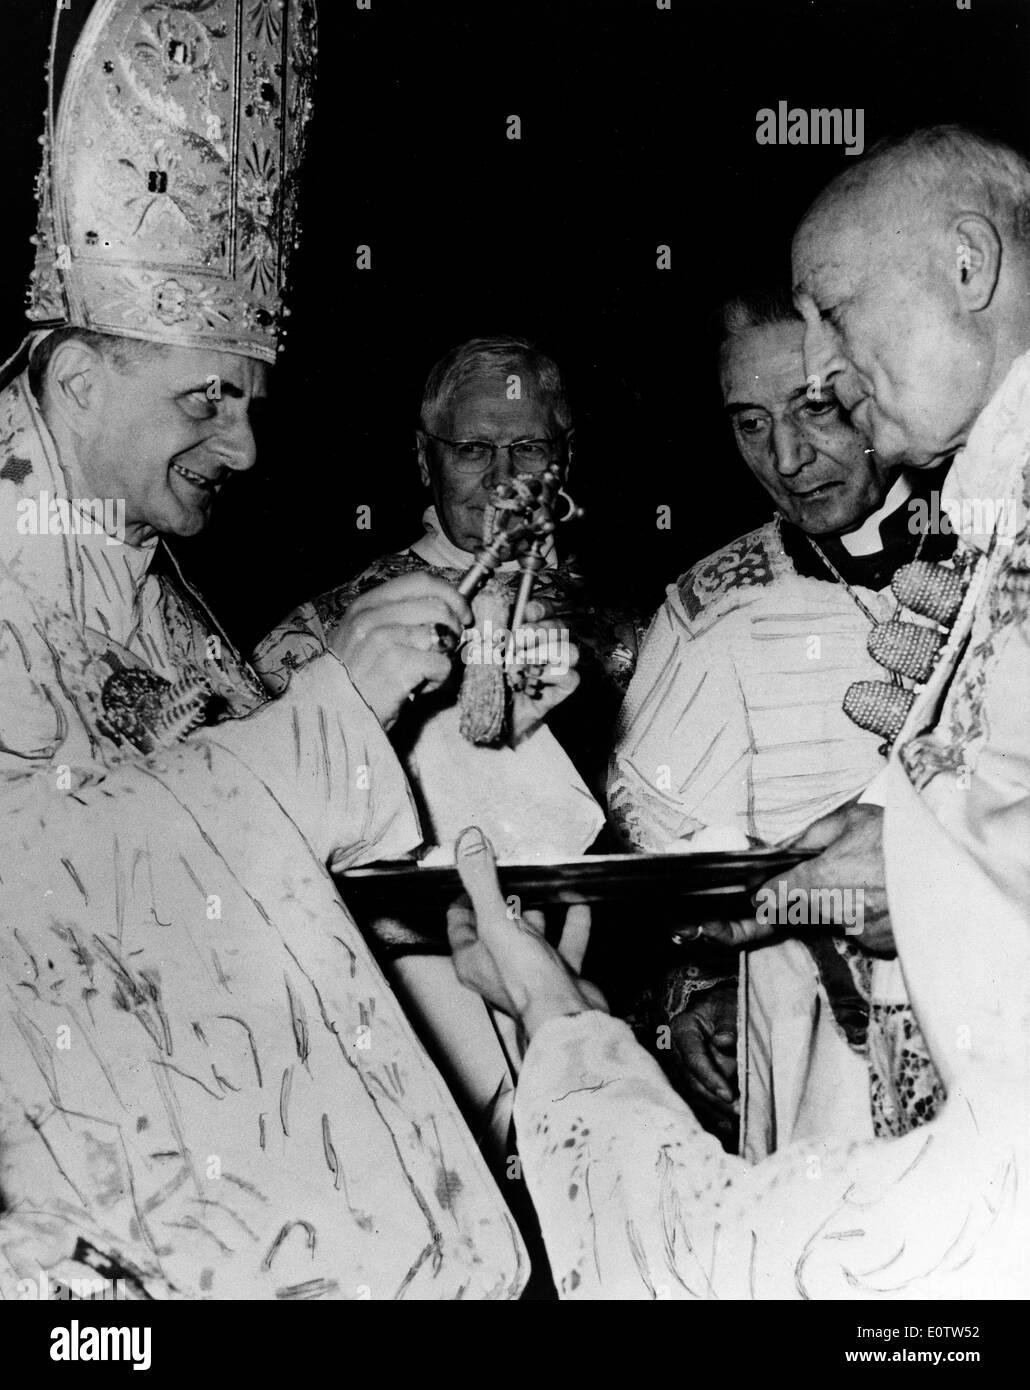 Le pape Paul Vl porte la tiare hat lors d'une révision Photo Stock